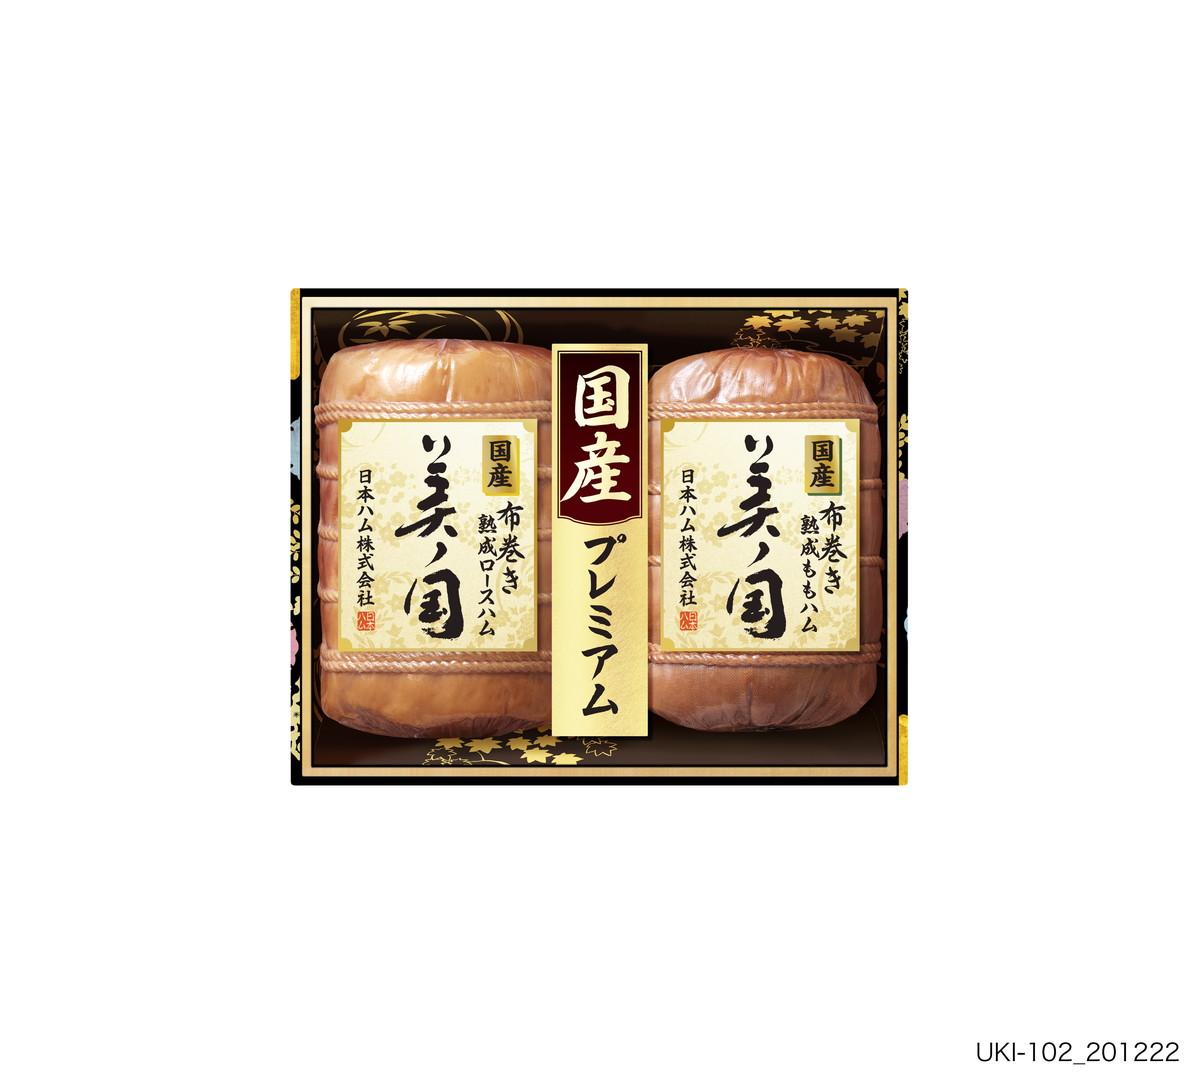 【送料無料】申込番号125* 日本ハム 国産プレミアム 美ノ国ギフト<UKI-102>【お中元】【御中元】【夏ギフト】